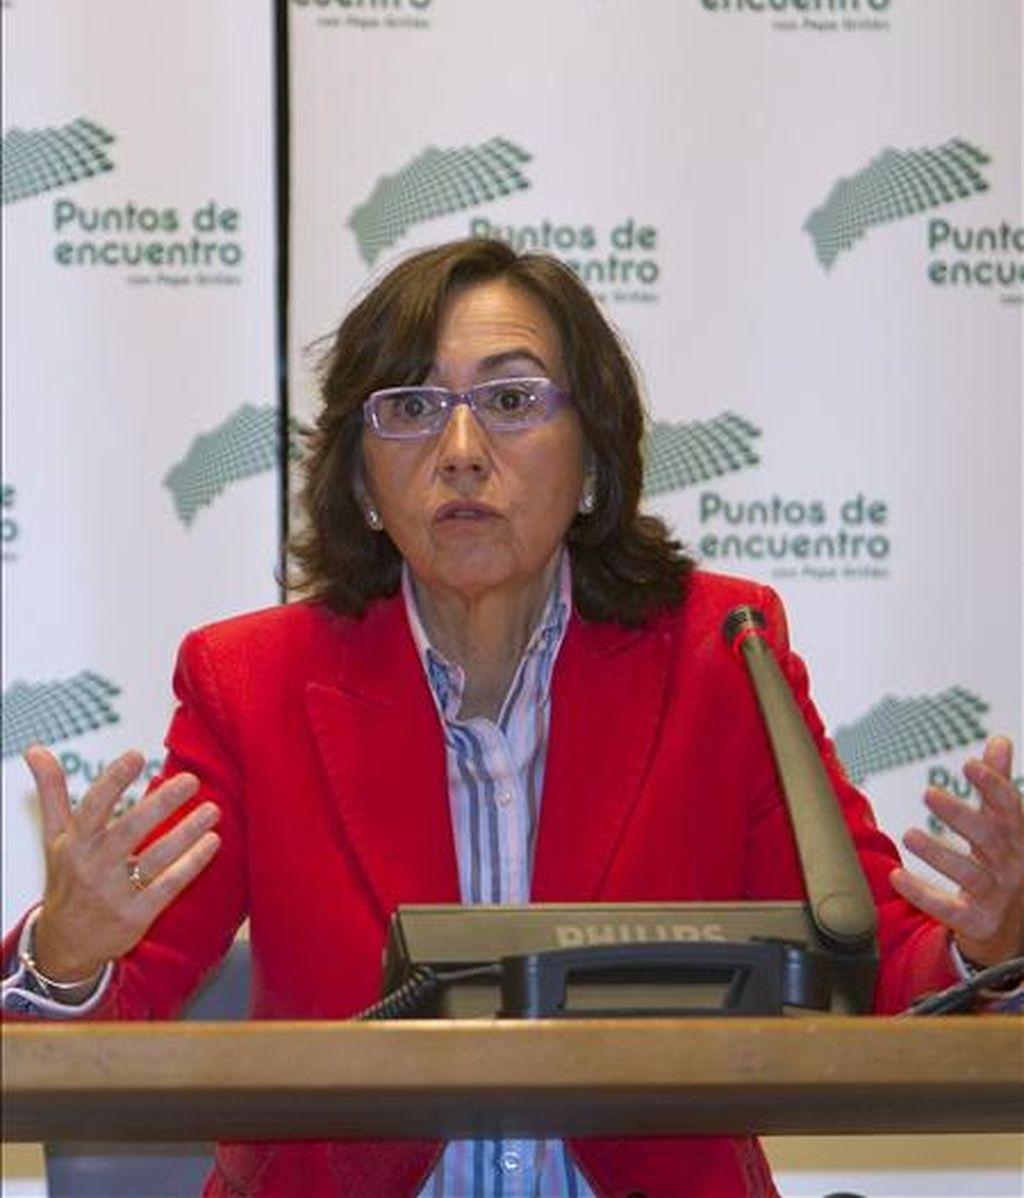 La ministra de Medio Ambiente, Medio Rural y Marino, Rosa Aguilar. EFE/Archivo